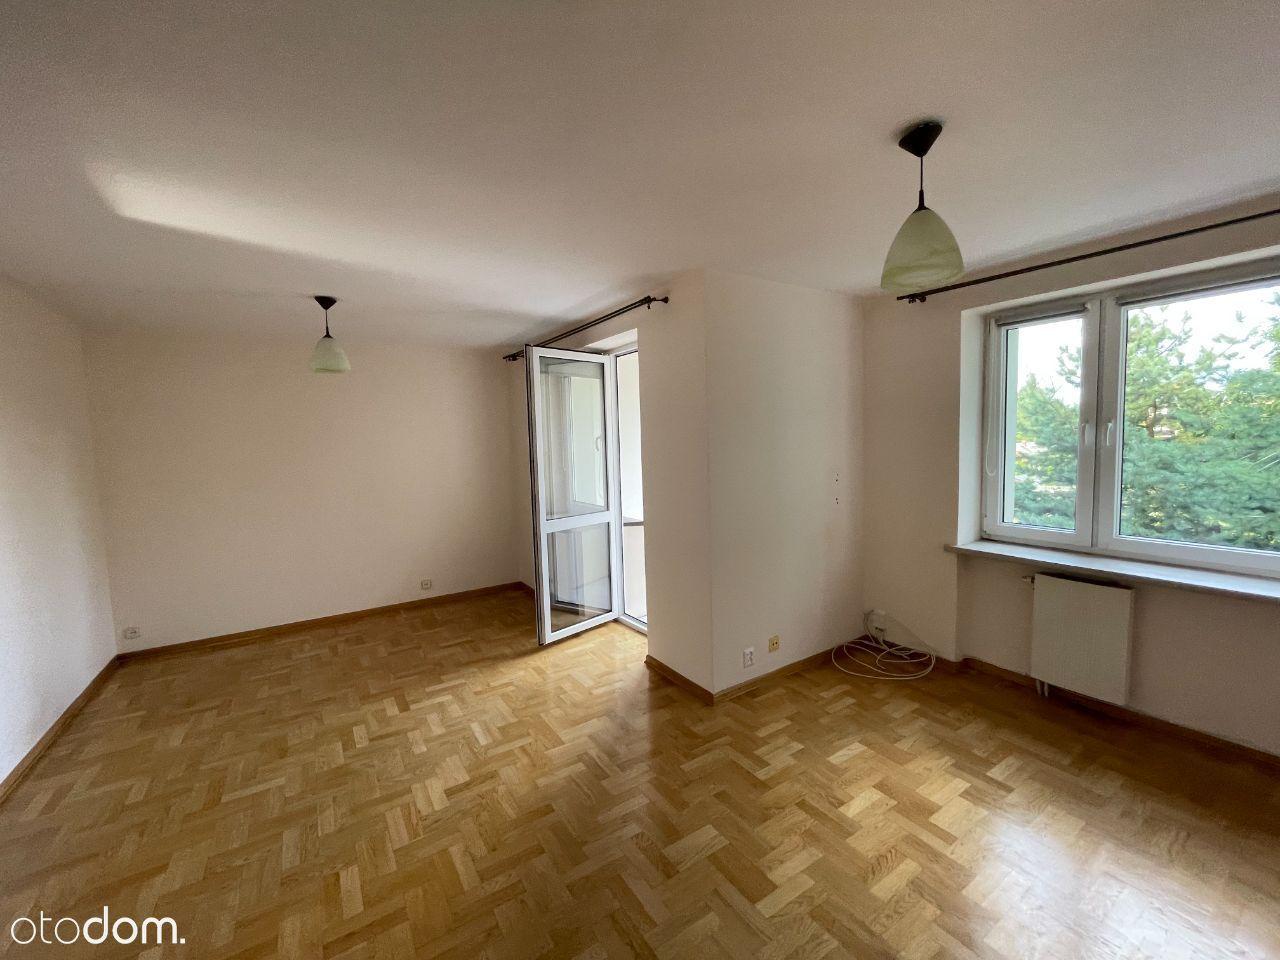 Mieszkanie ul. Szwedzka, Kielce